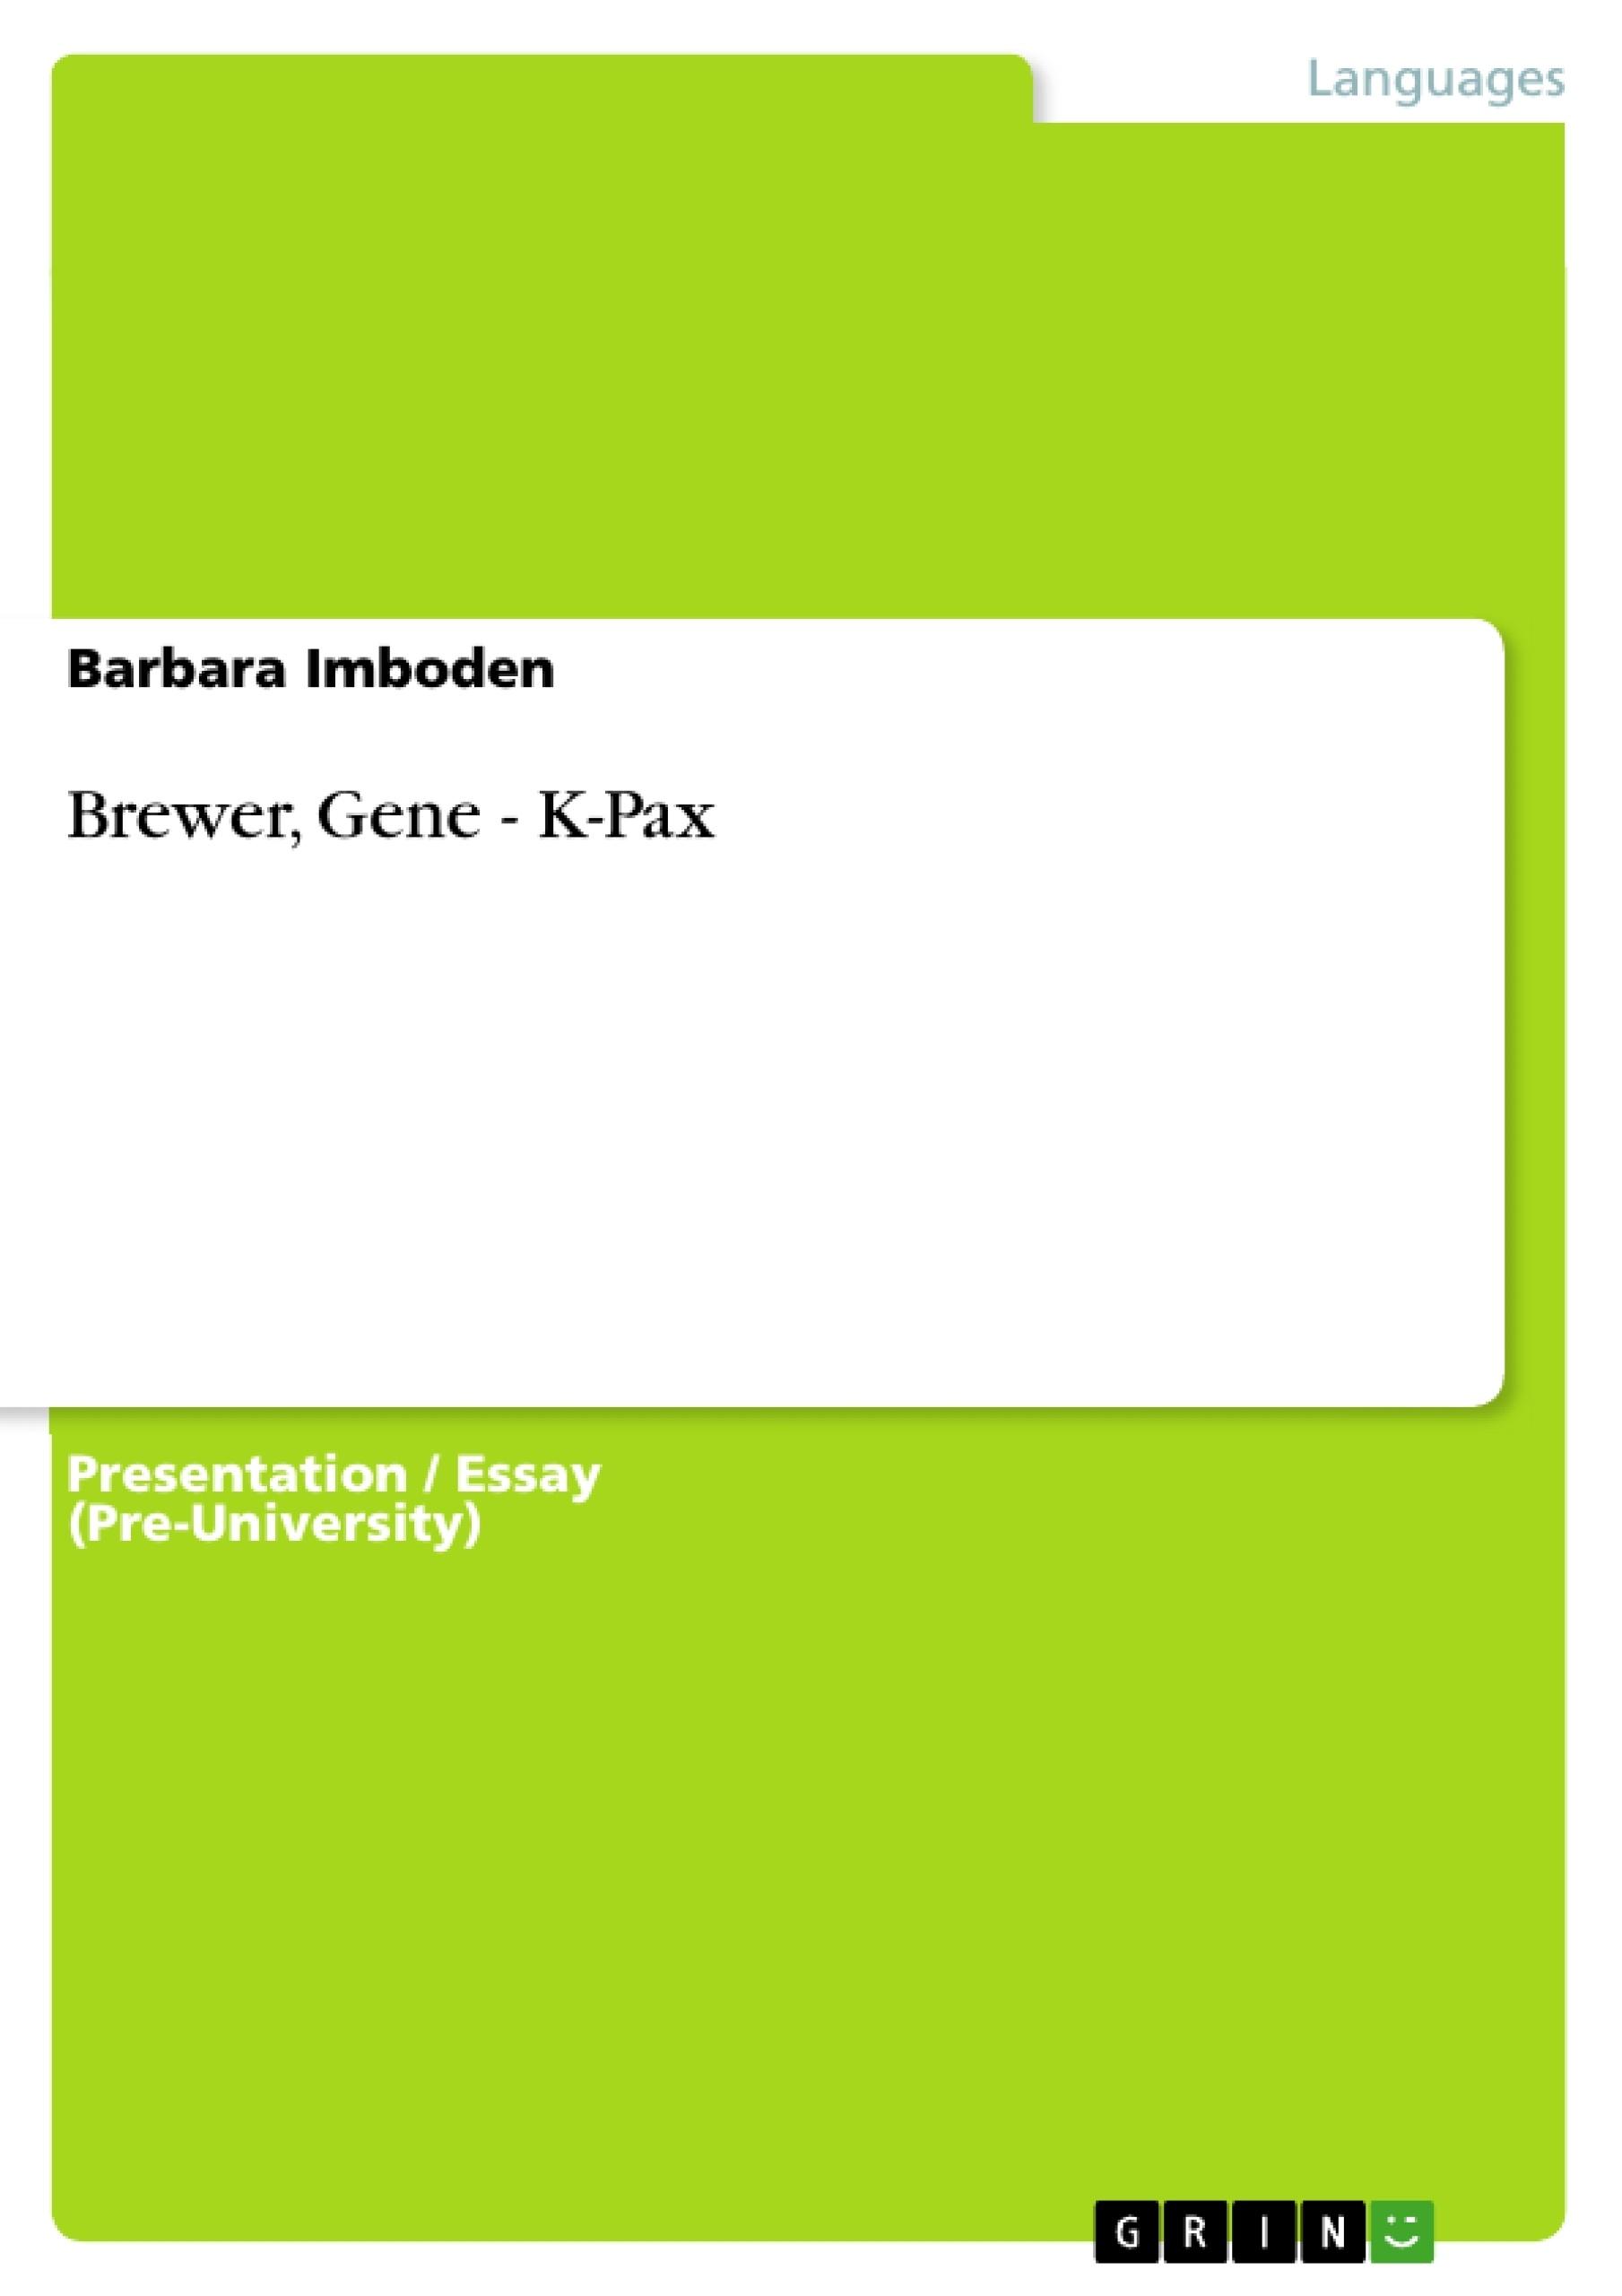 Title: Brewer, Gene - K-Pax